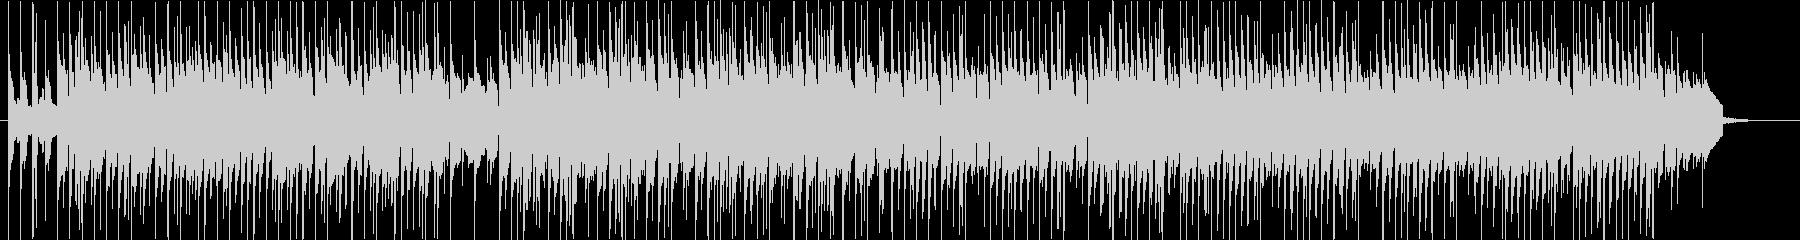 ほのぼの・日常・ほんわか・とぼけたBGMの未再生の波形